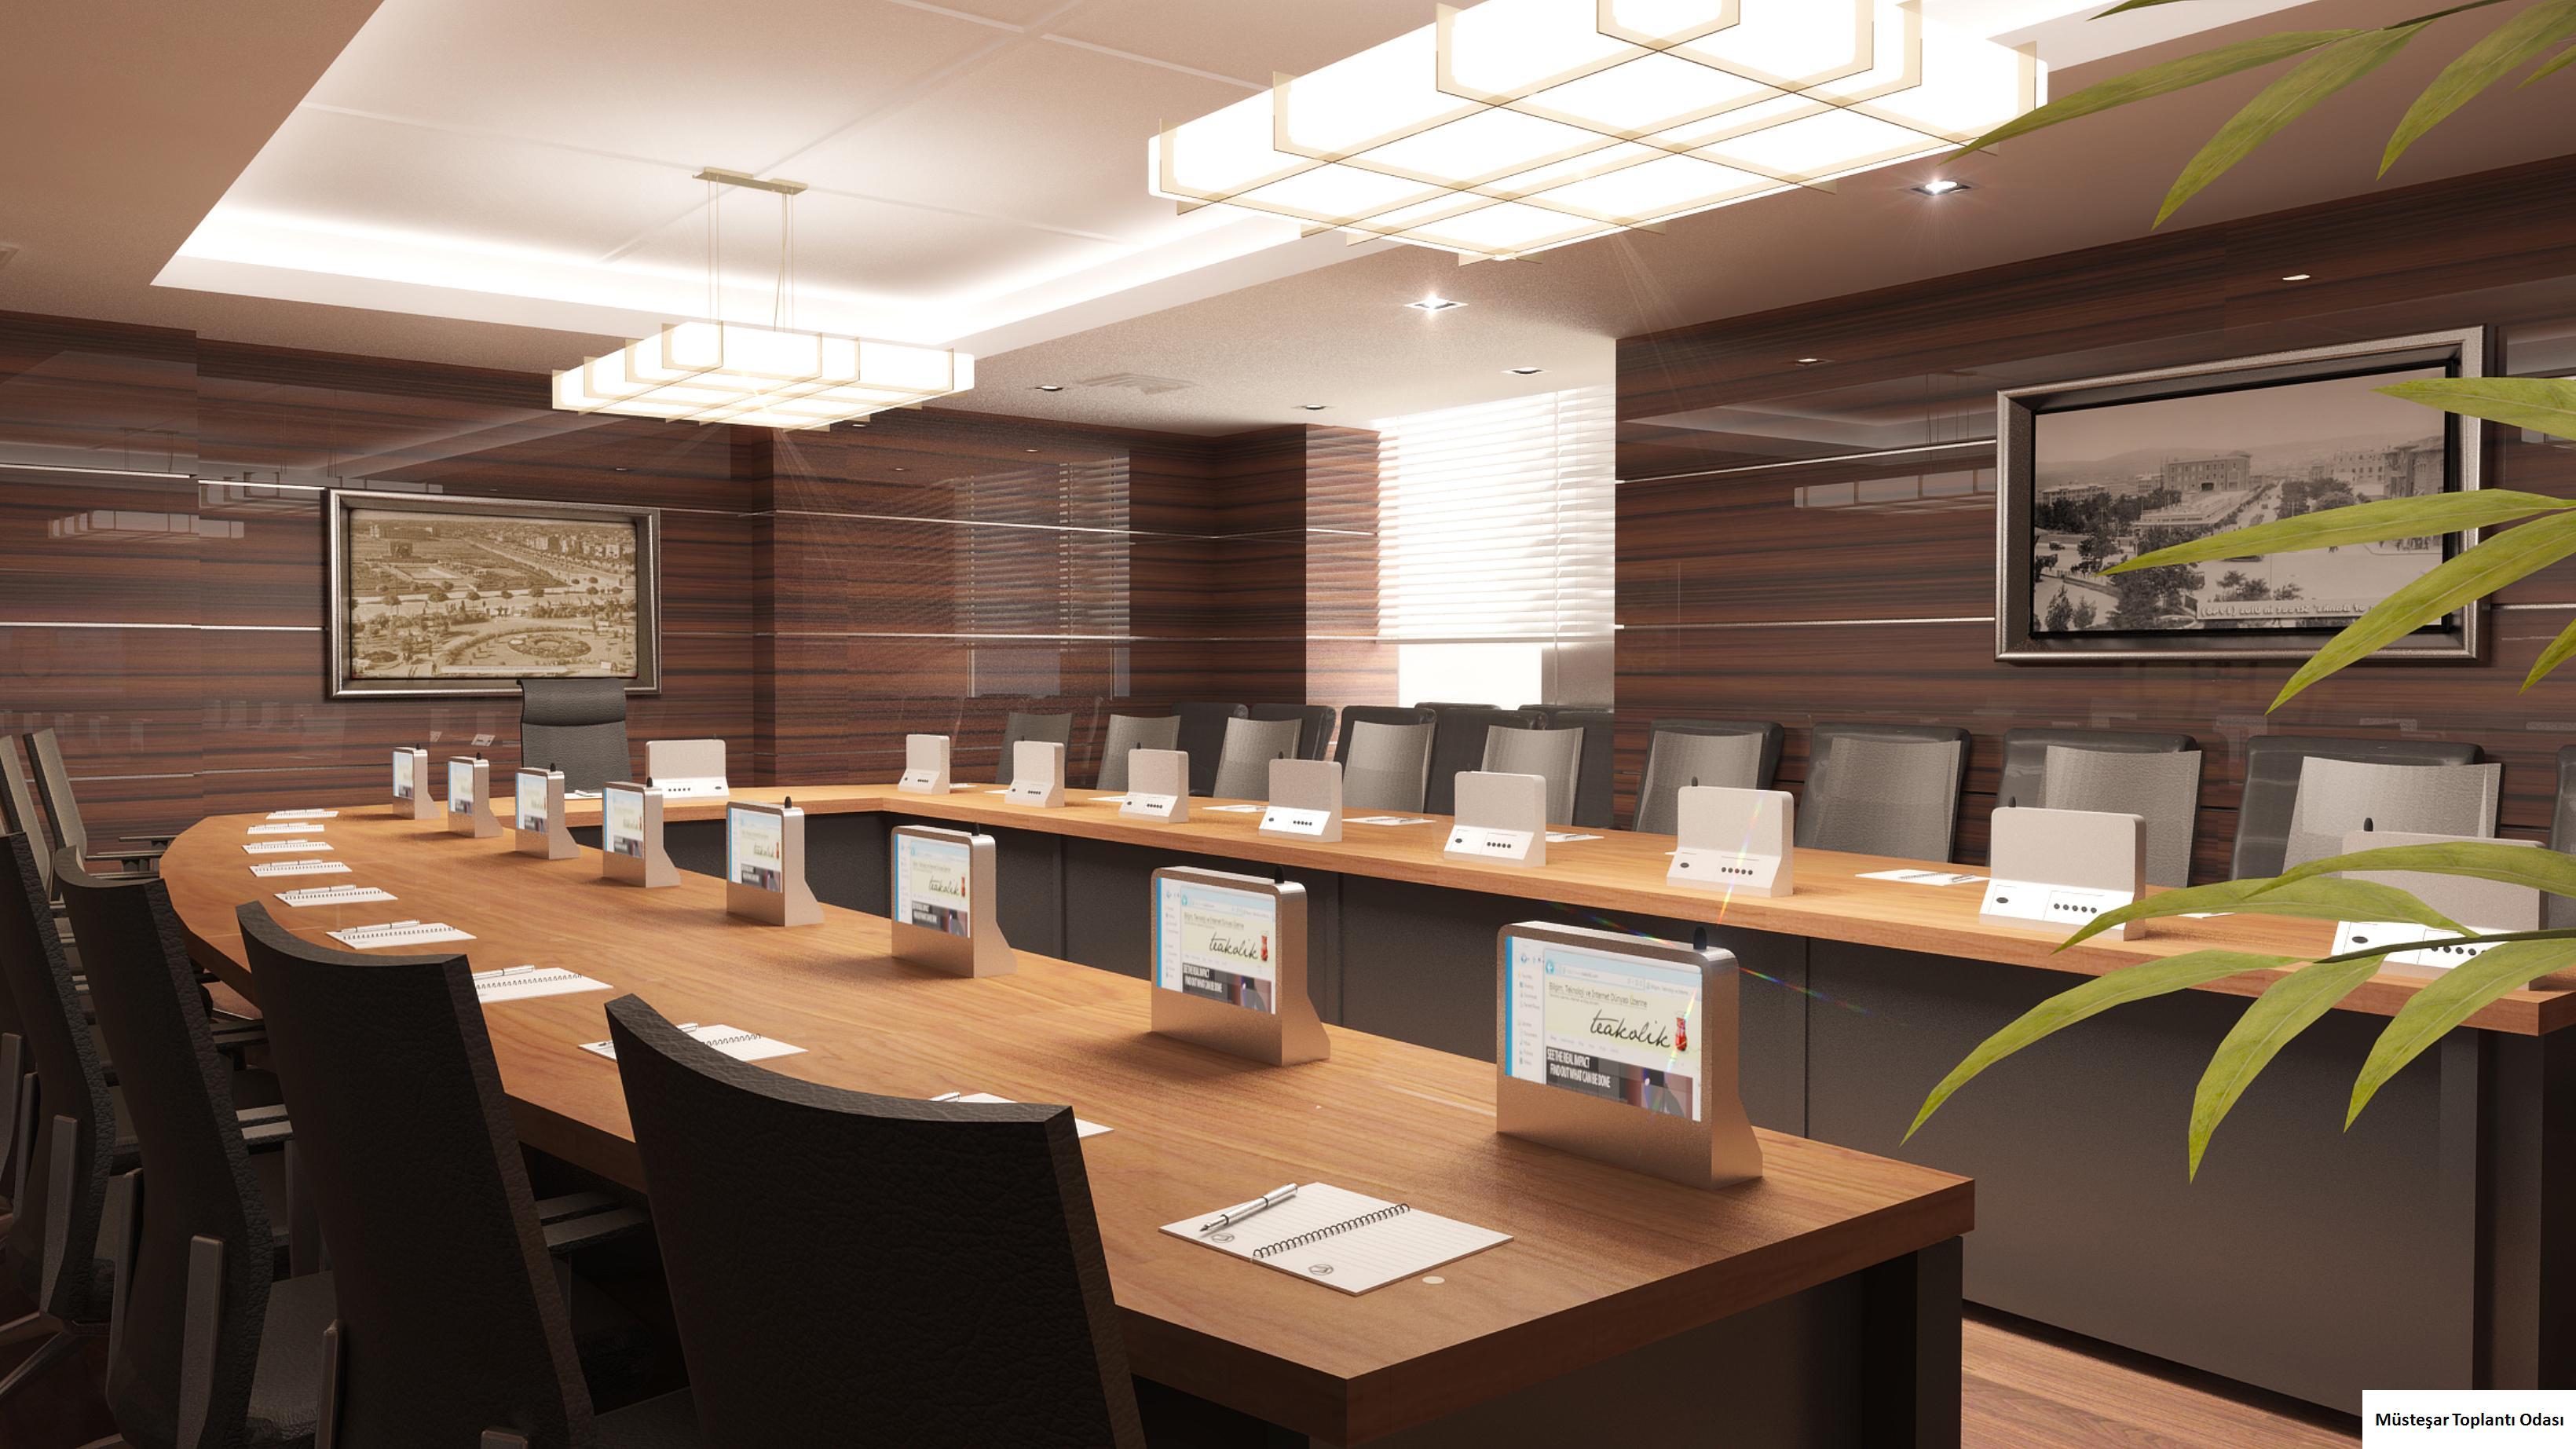 Müsteşar Toplantı Odası 2